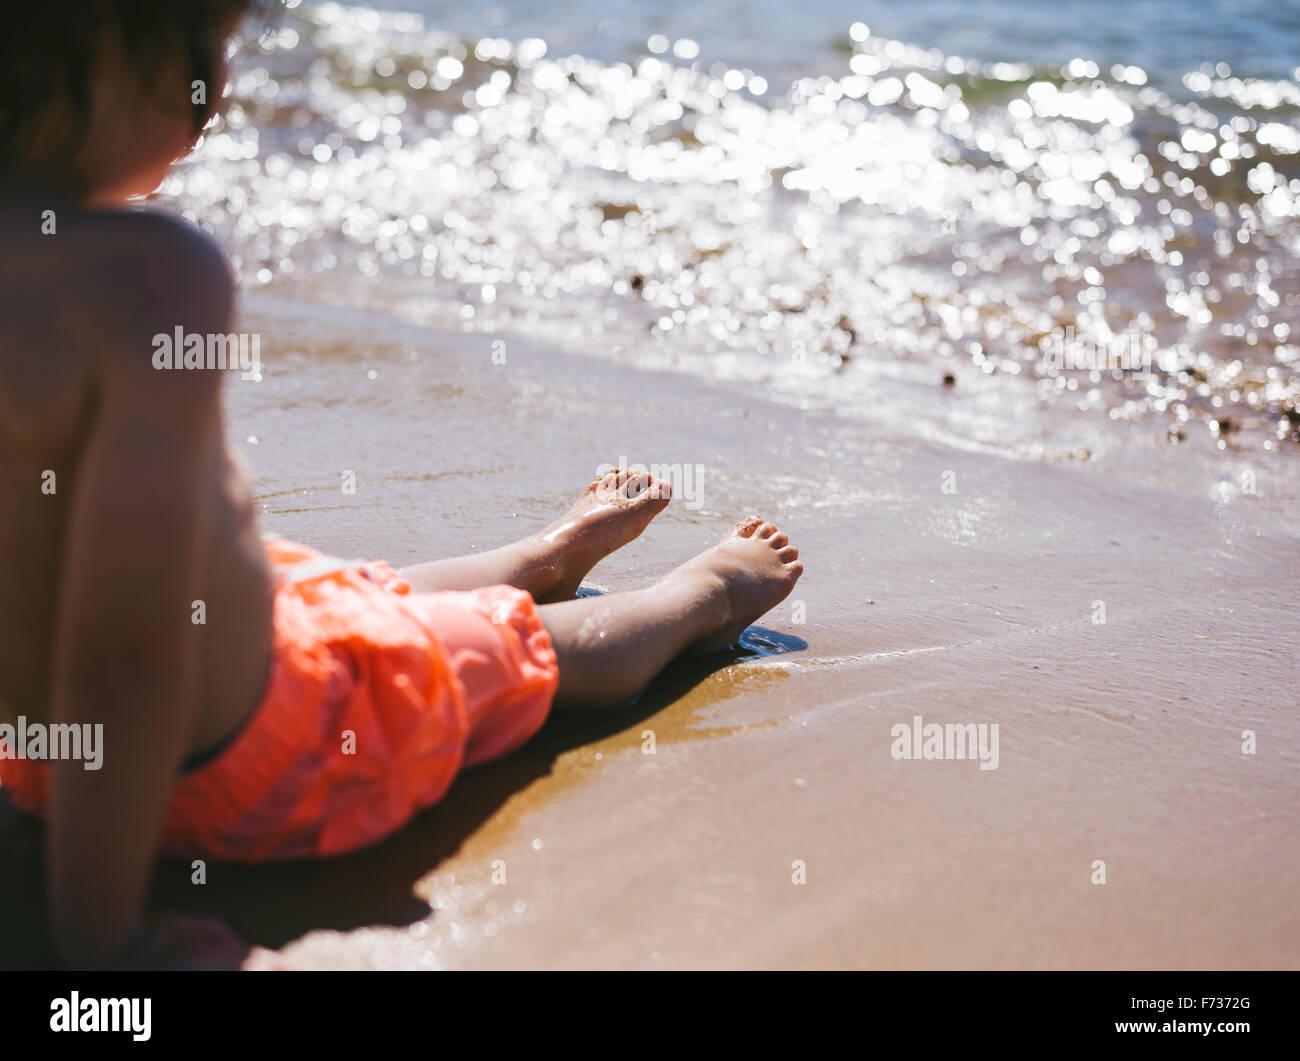 Un ragazzo seduto sulla sabbia a bordo dell'acqua guardando le onde raggiungere la spiaggia. Immagini Stock